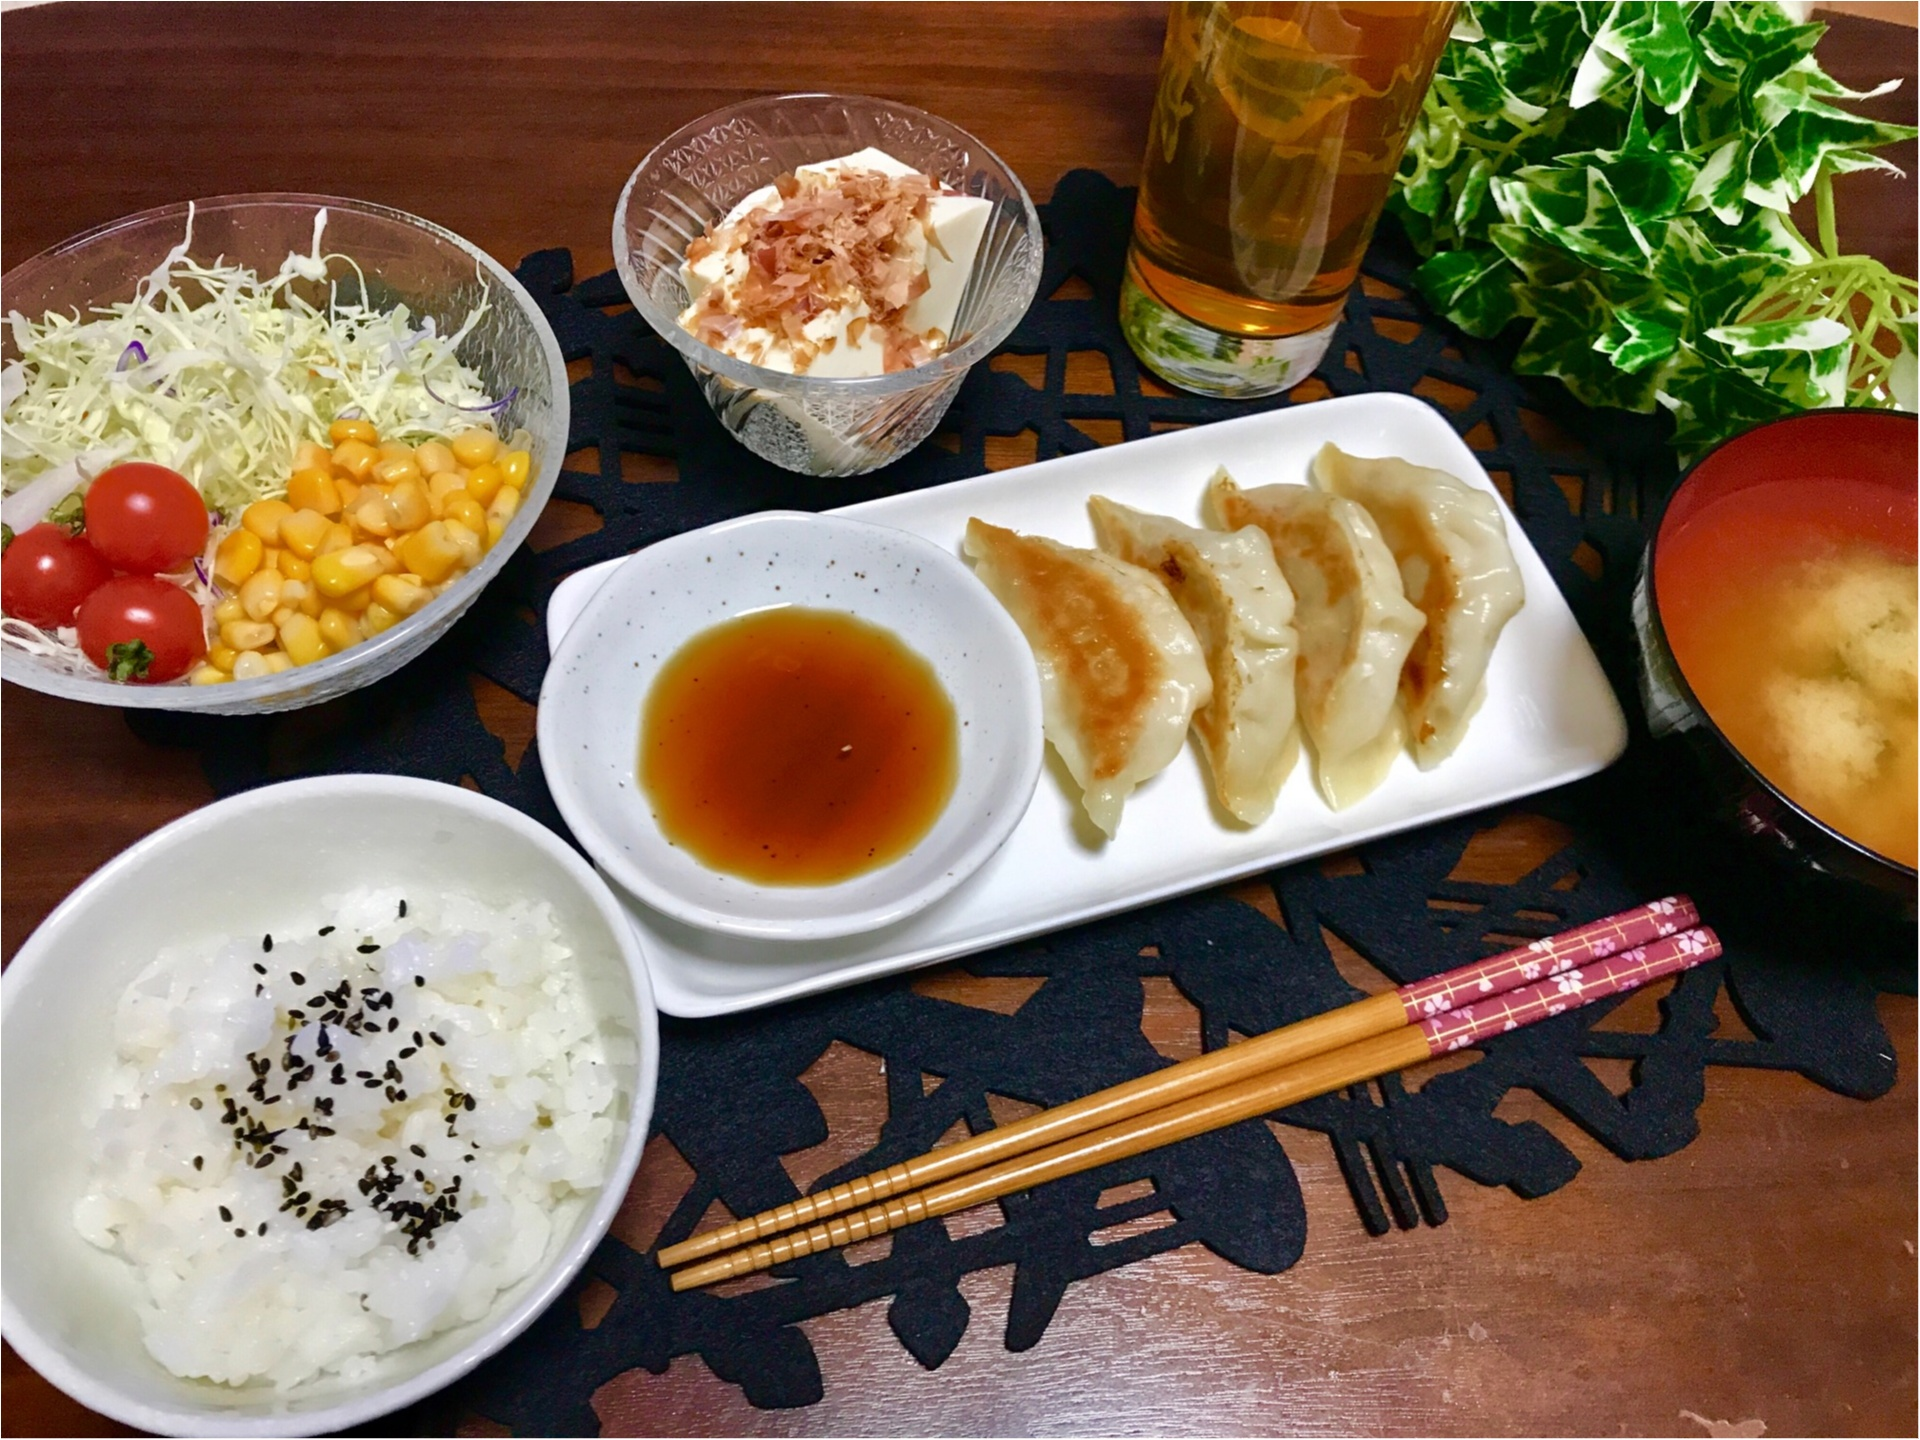 大人気料理ブロガー《みきママ》考案!肉汁がすごい【鶏ナンコツ塩餃子】を試食♡_7